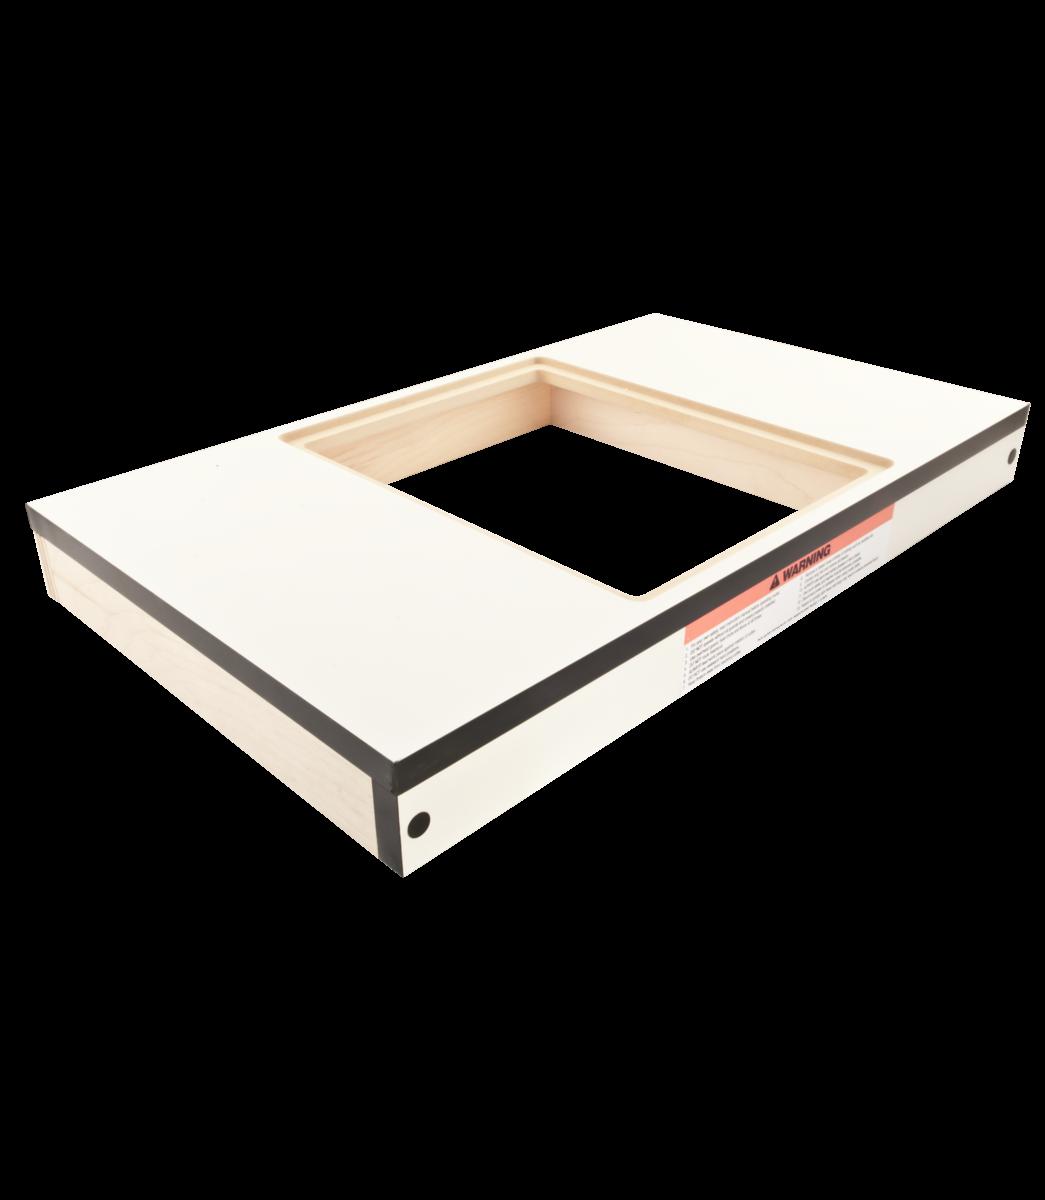 """Mesa de extensión para madera, 27"""" x 16"""", orificio para ranurador, XACTA"""